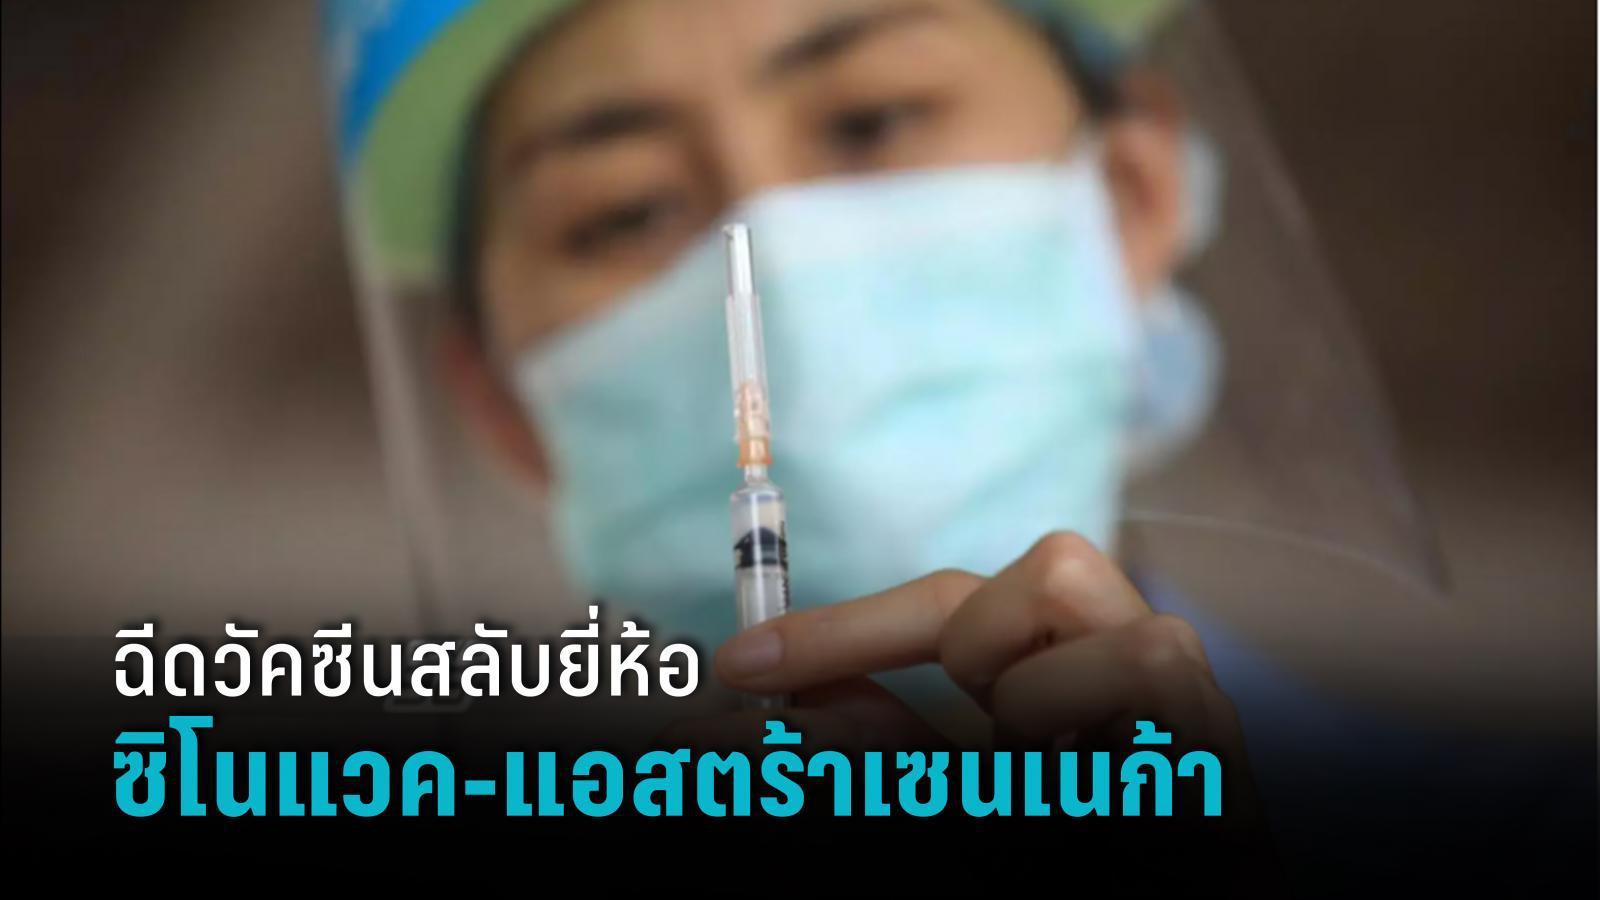 กรมการแพทย์ เริ่มฉีดวัคซีนโควิด-19 สลับยี่ห้อให้แก่ผู้ลงทะเบียน 19 ก.ค.64